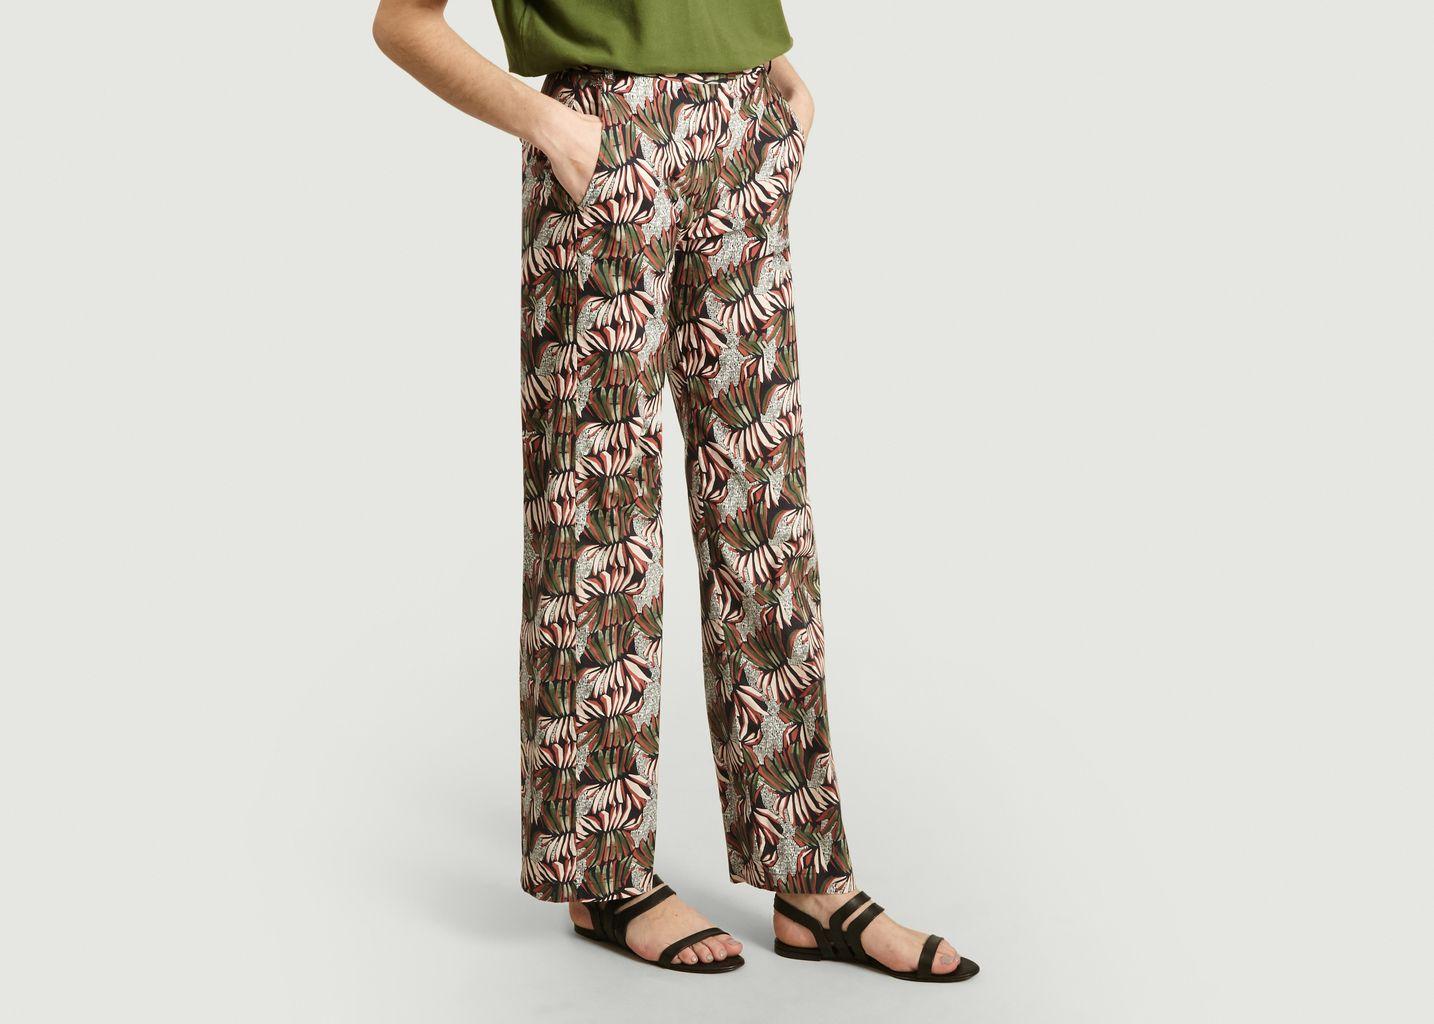 Pantalon Passio imprimé - Diega